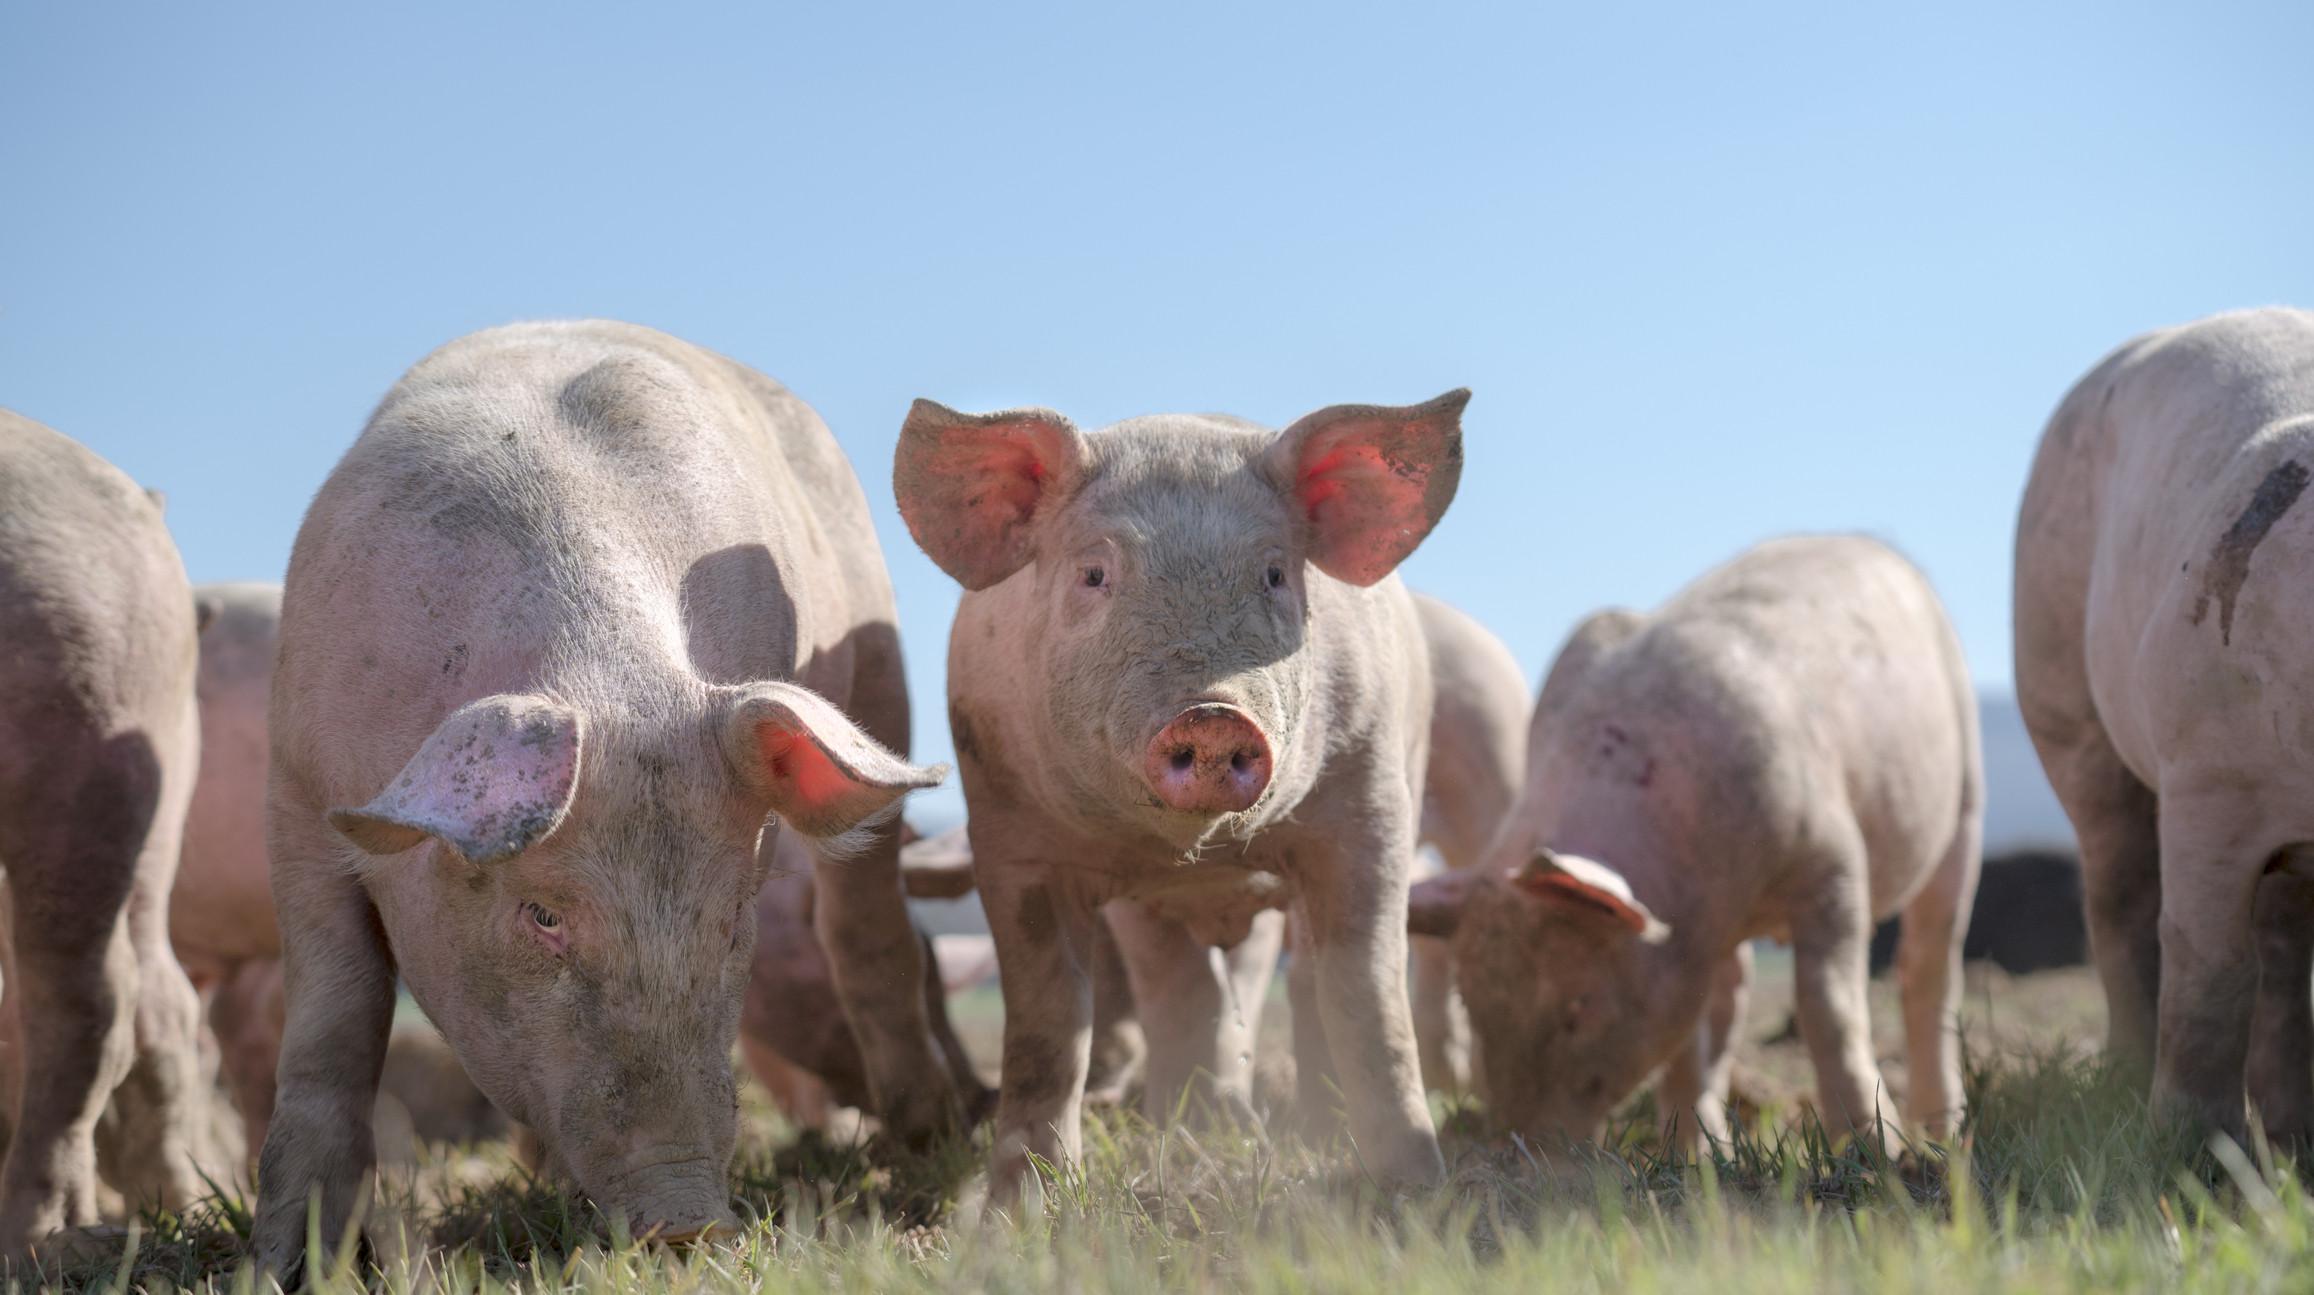 Porcos podem complicar negociações comerciais entre EUA e China